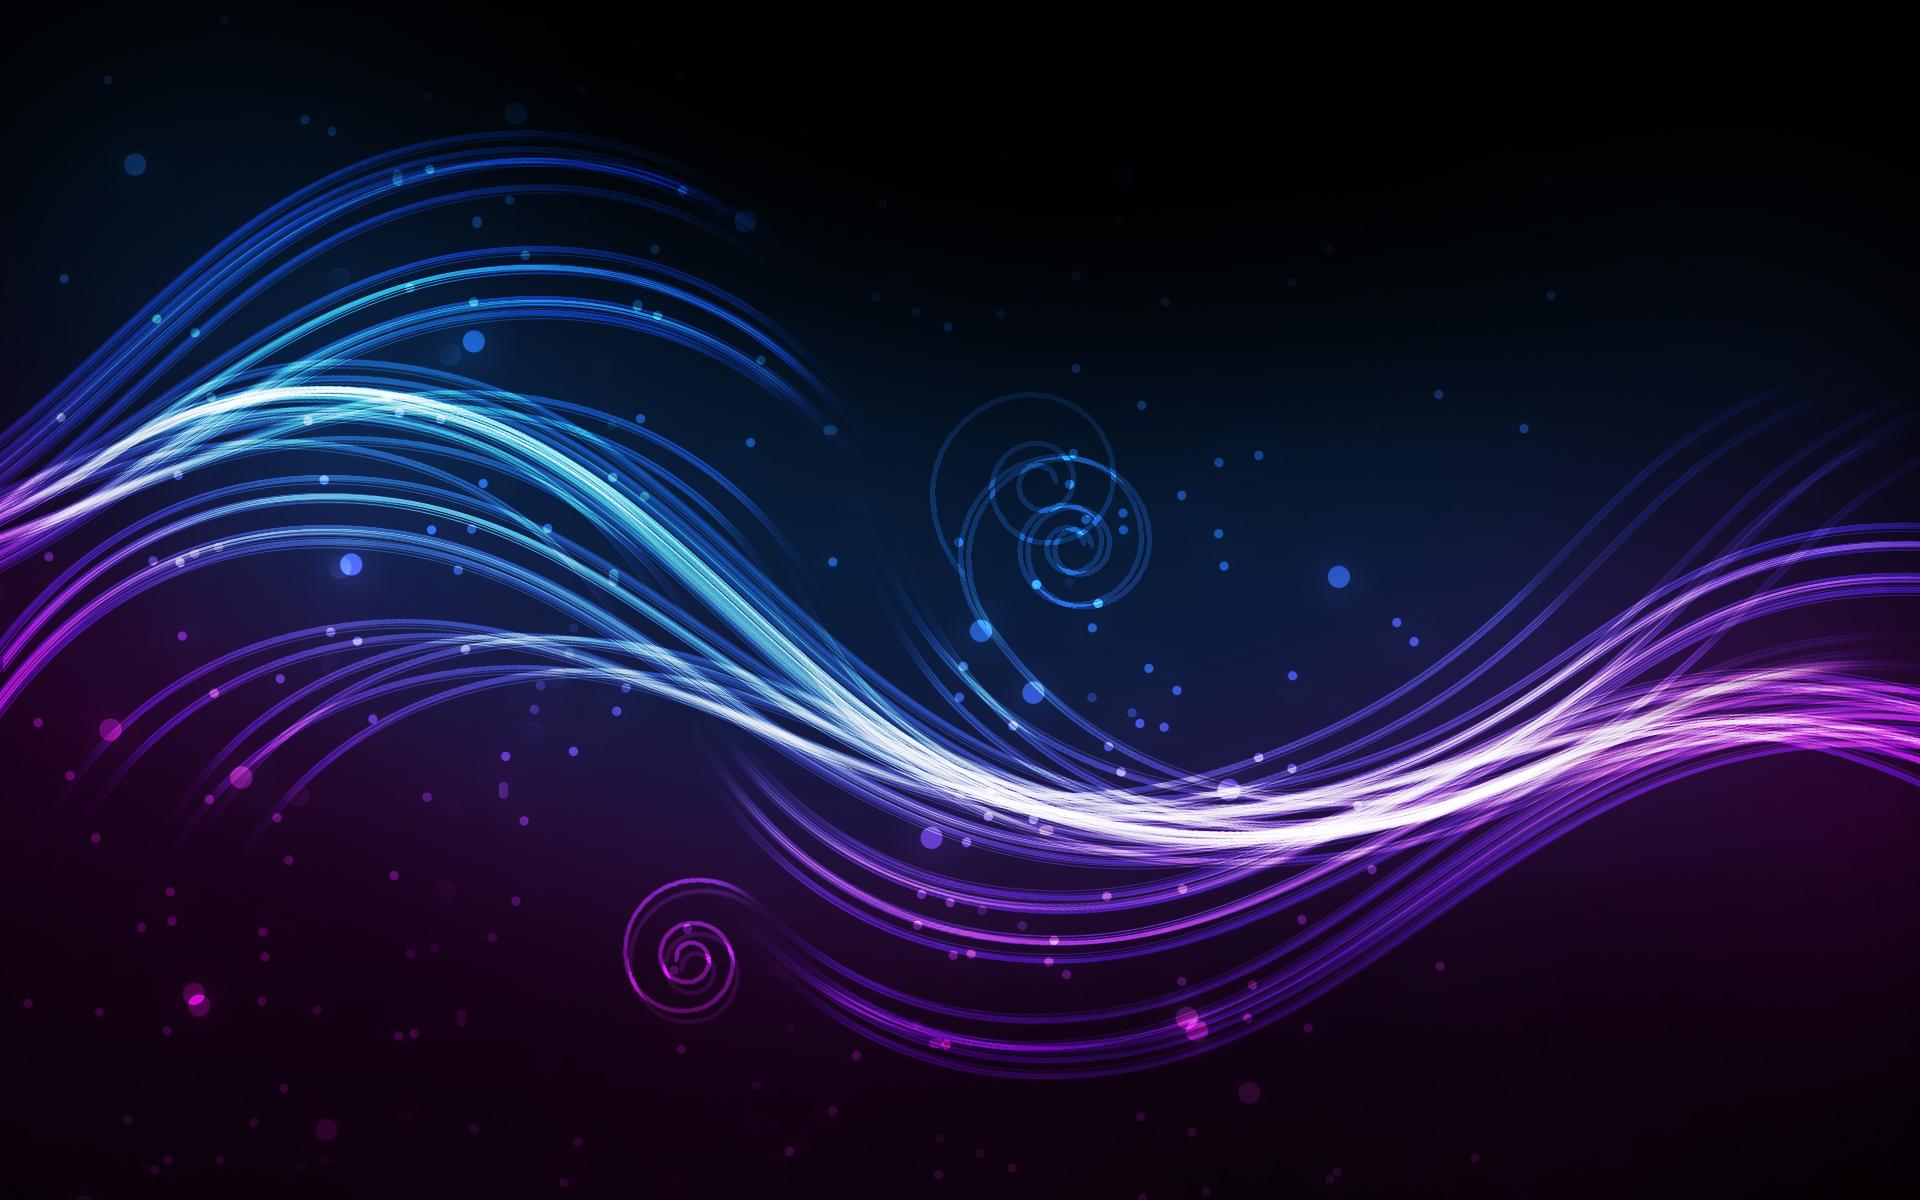 Free 43 Colorful Desktop Backgrounds - Technosamrat